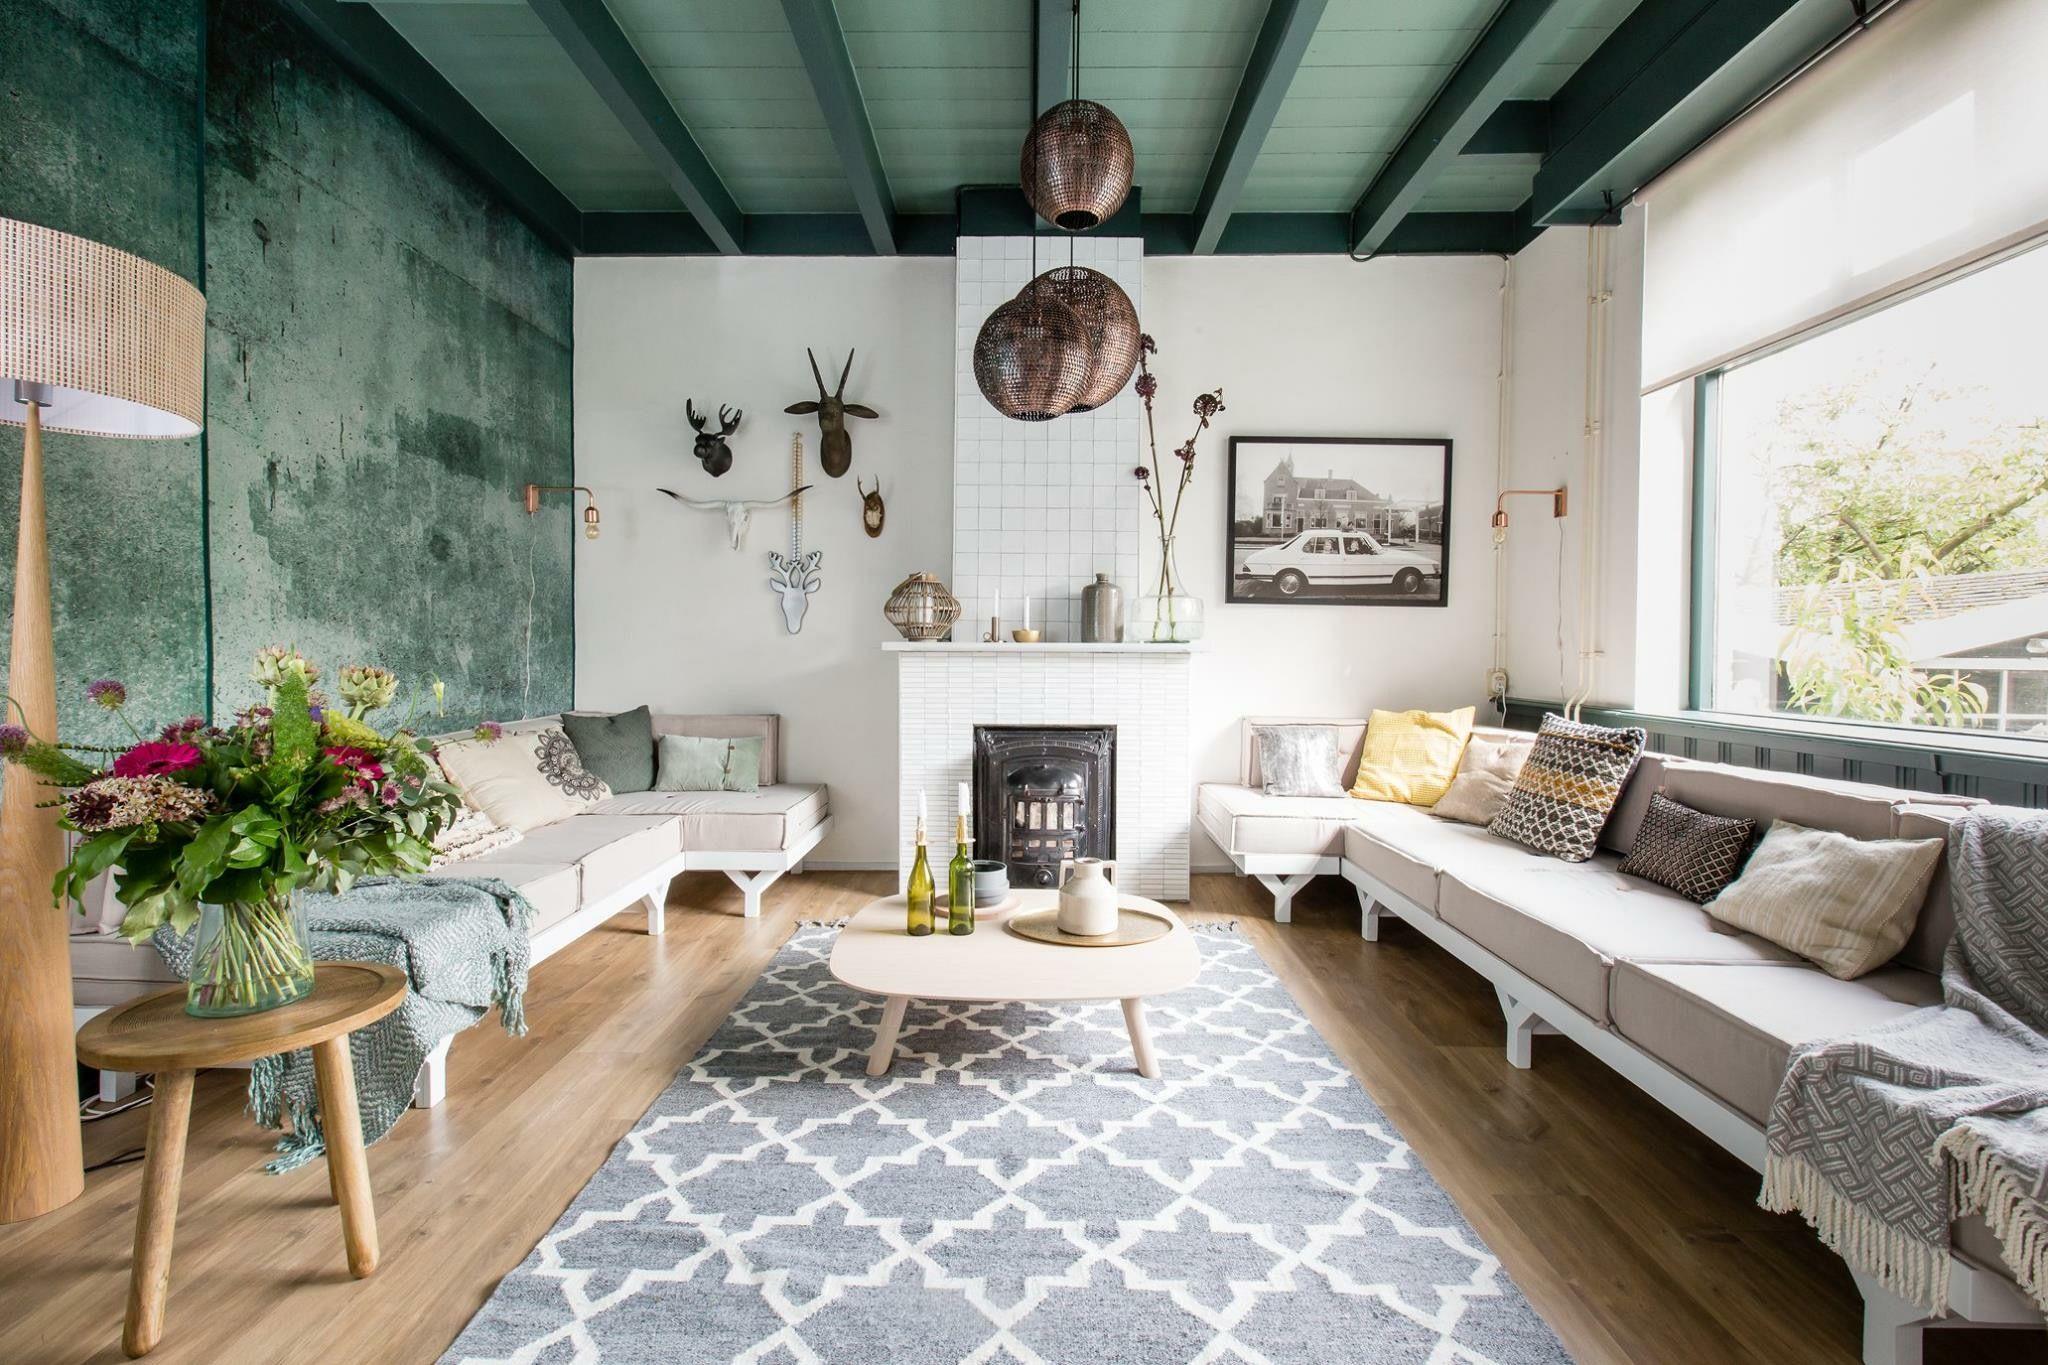 Interieur Ideeen Kleuren : Interieur ideeen woonkamer kleuren geschikte kleuren voor woonkamer